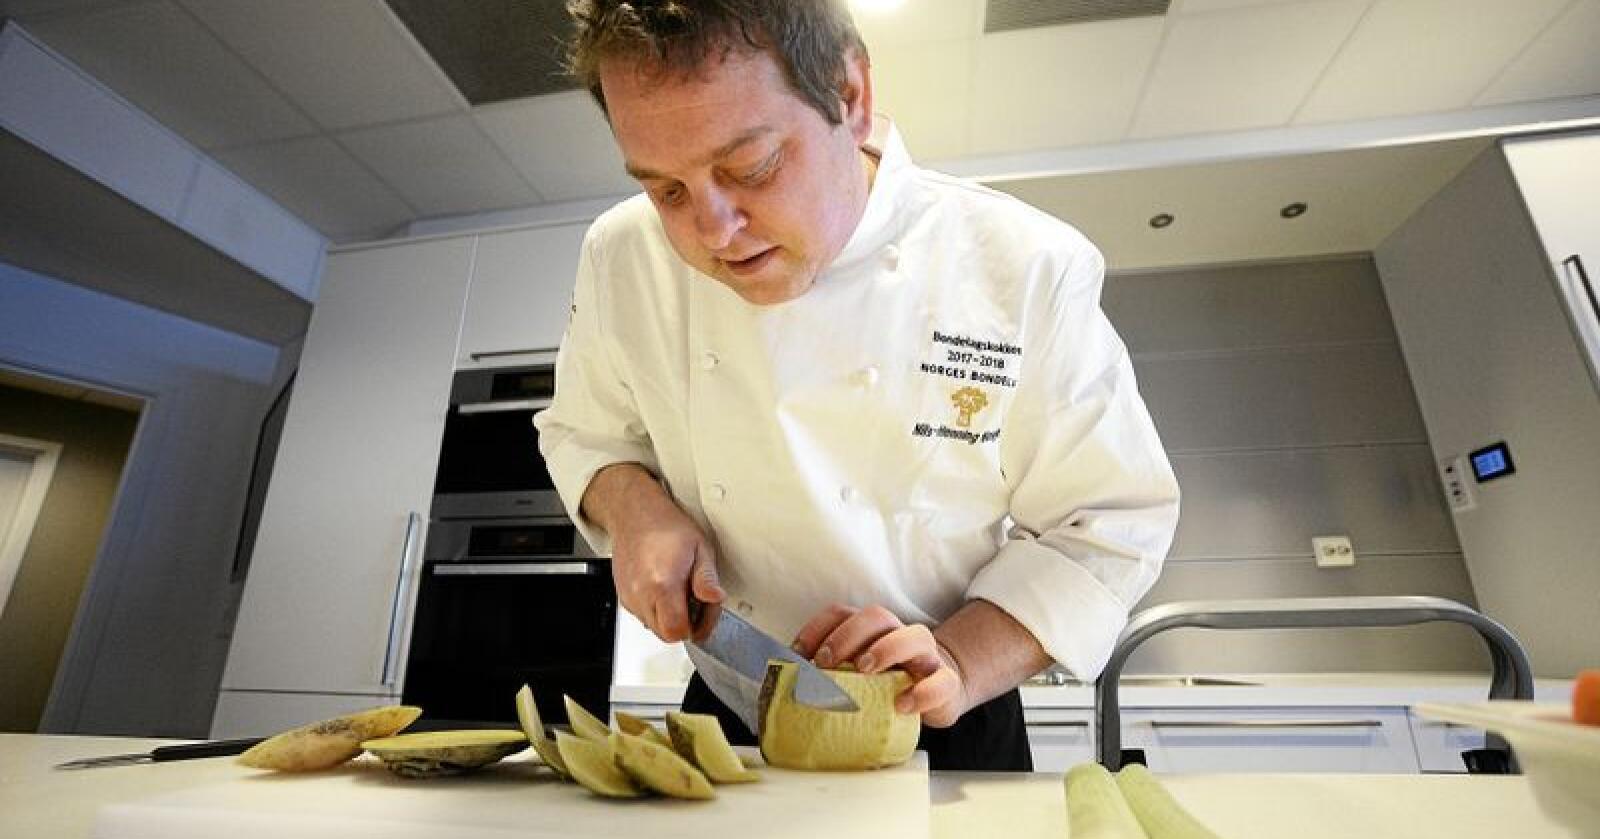 Nils-Henning Nesje er kjøkkensjef og selvutnevnt matpredikant med ekte kjærlighet for kortreist mat. Han har vore Bondelagskokk i 2017 og 2018. Foto: Siri Juell Rasmussen